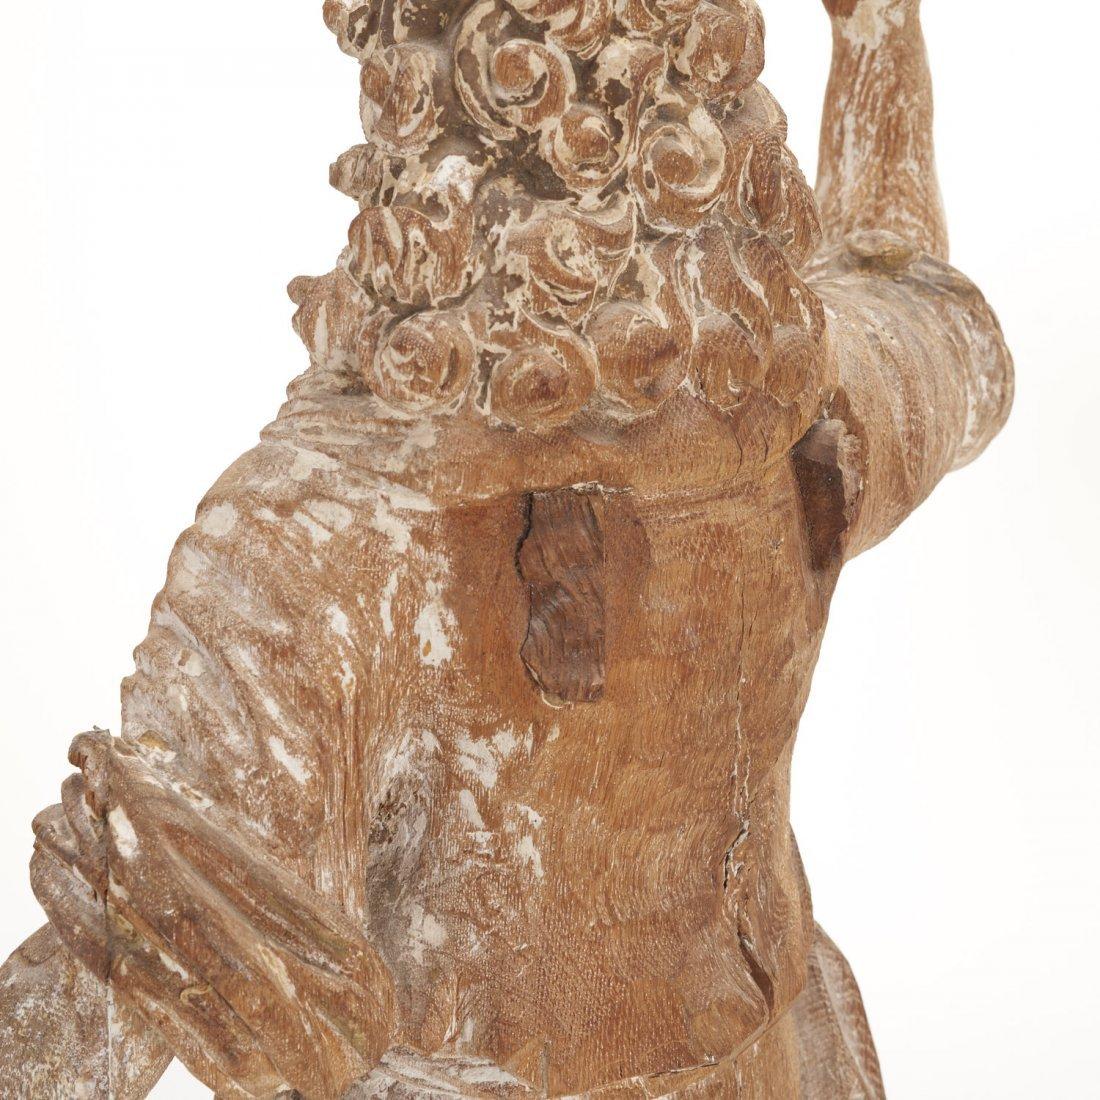 Pr Antique Continental carved, cerused oak angels - 5